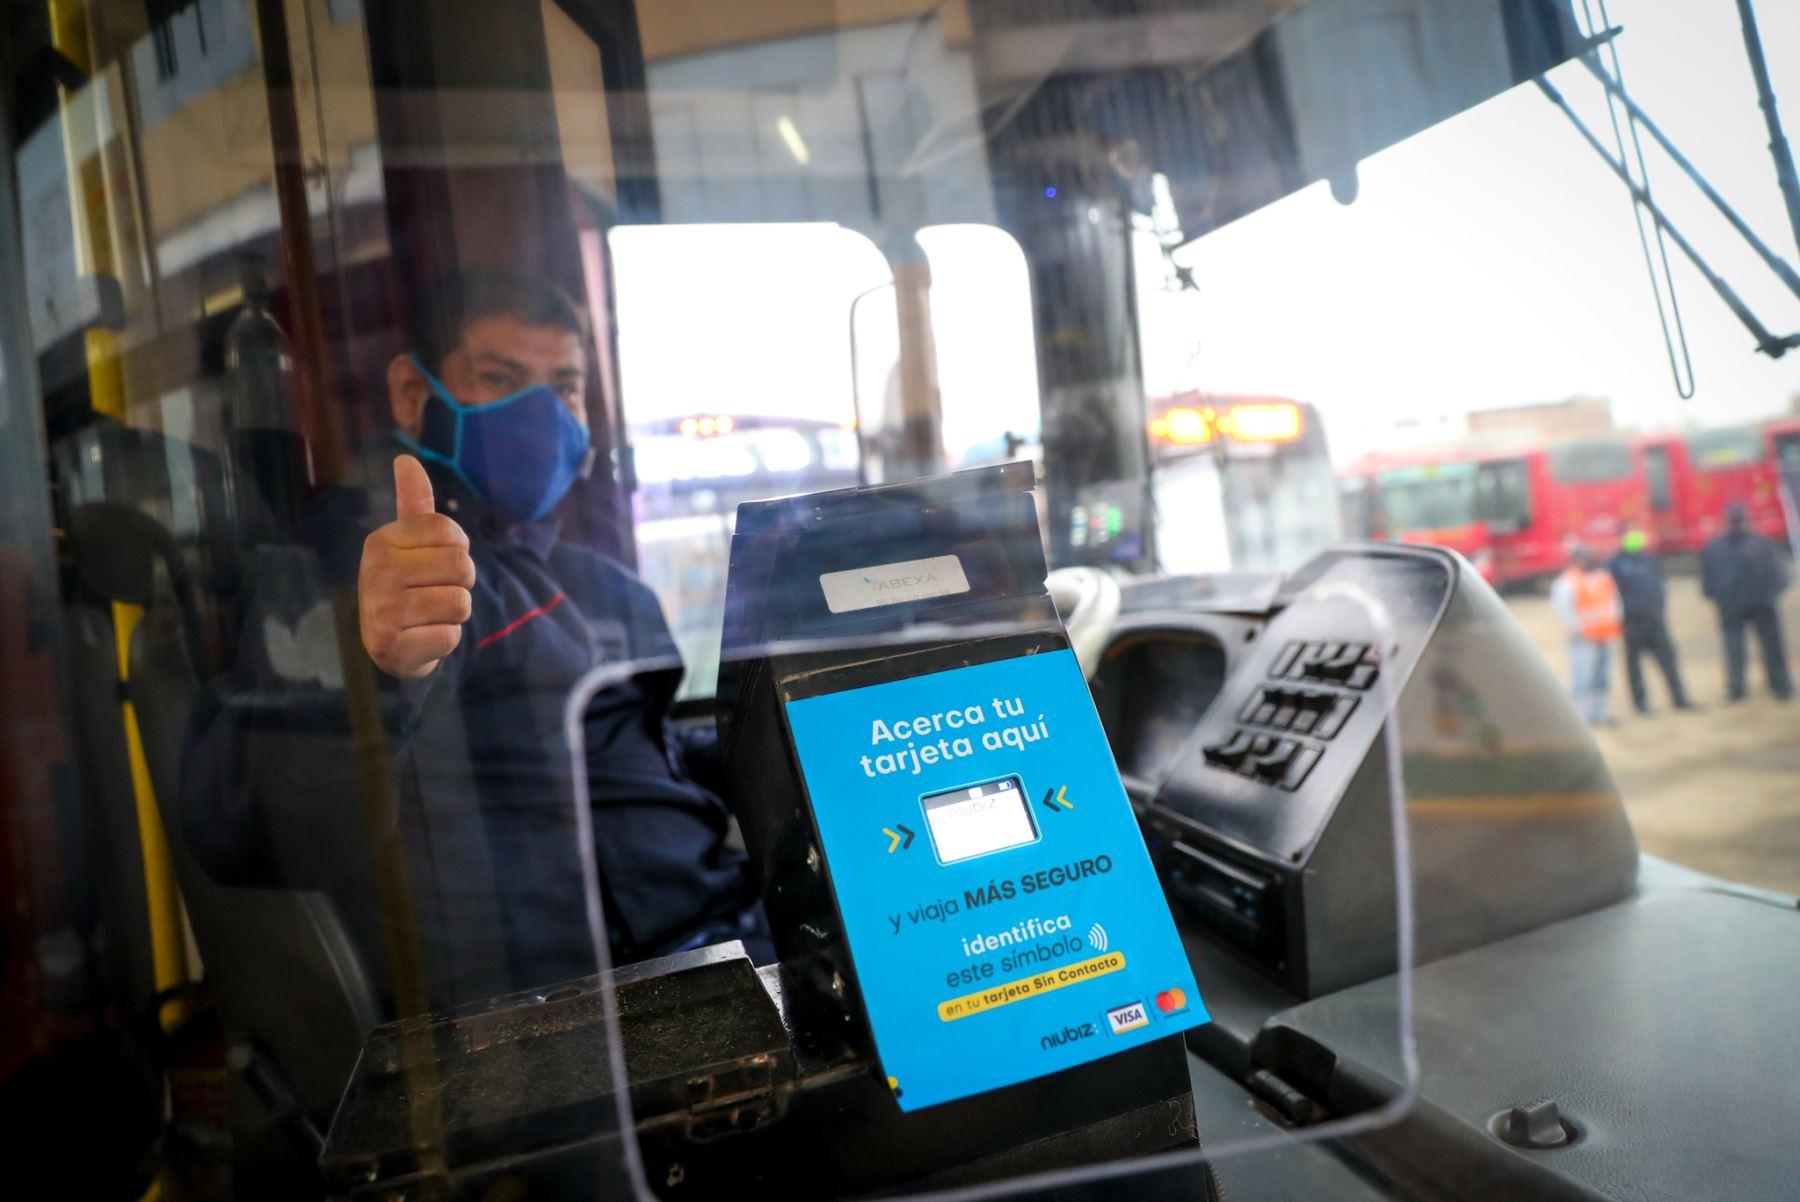 La Autoridad de Transporte Urbano para Lima y Callao (ATU) acelera la adopción de medios de pago sin contacto que coadyuven a evitar los contagios durante la pandemia del covid-19. Foto: ATU.